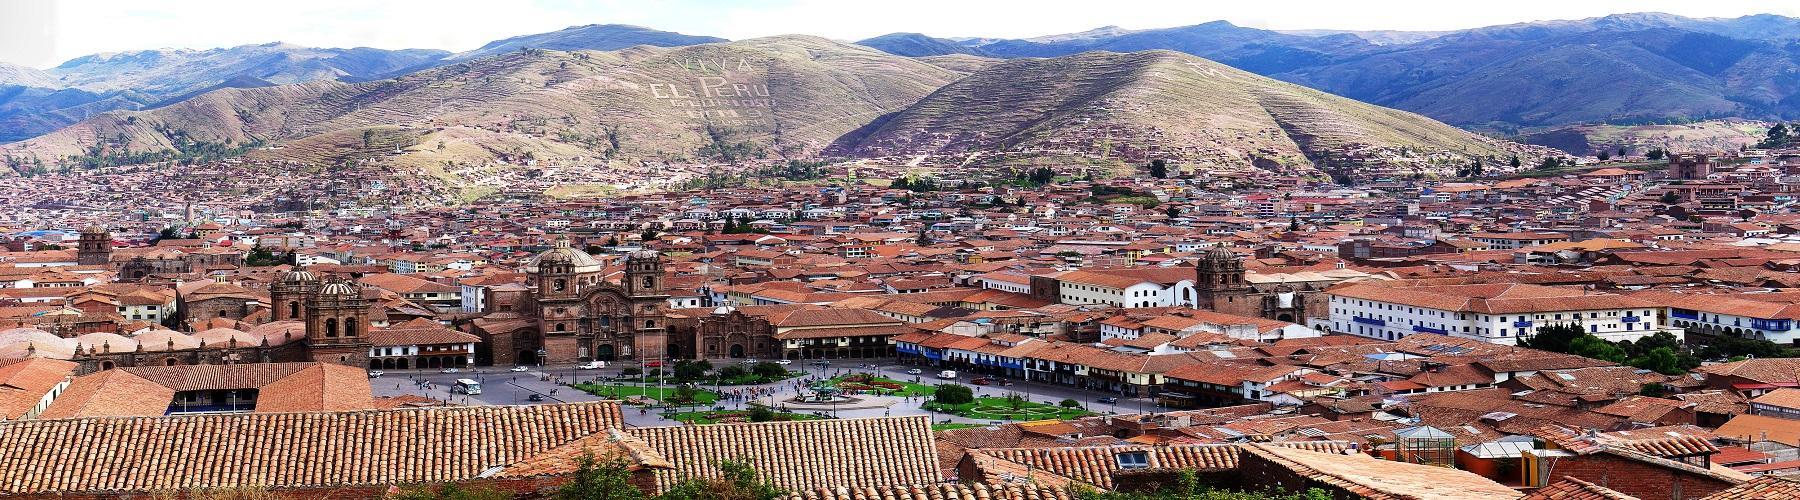 Самостоятельное путешествие в Перу